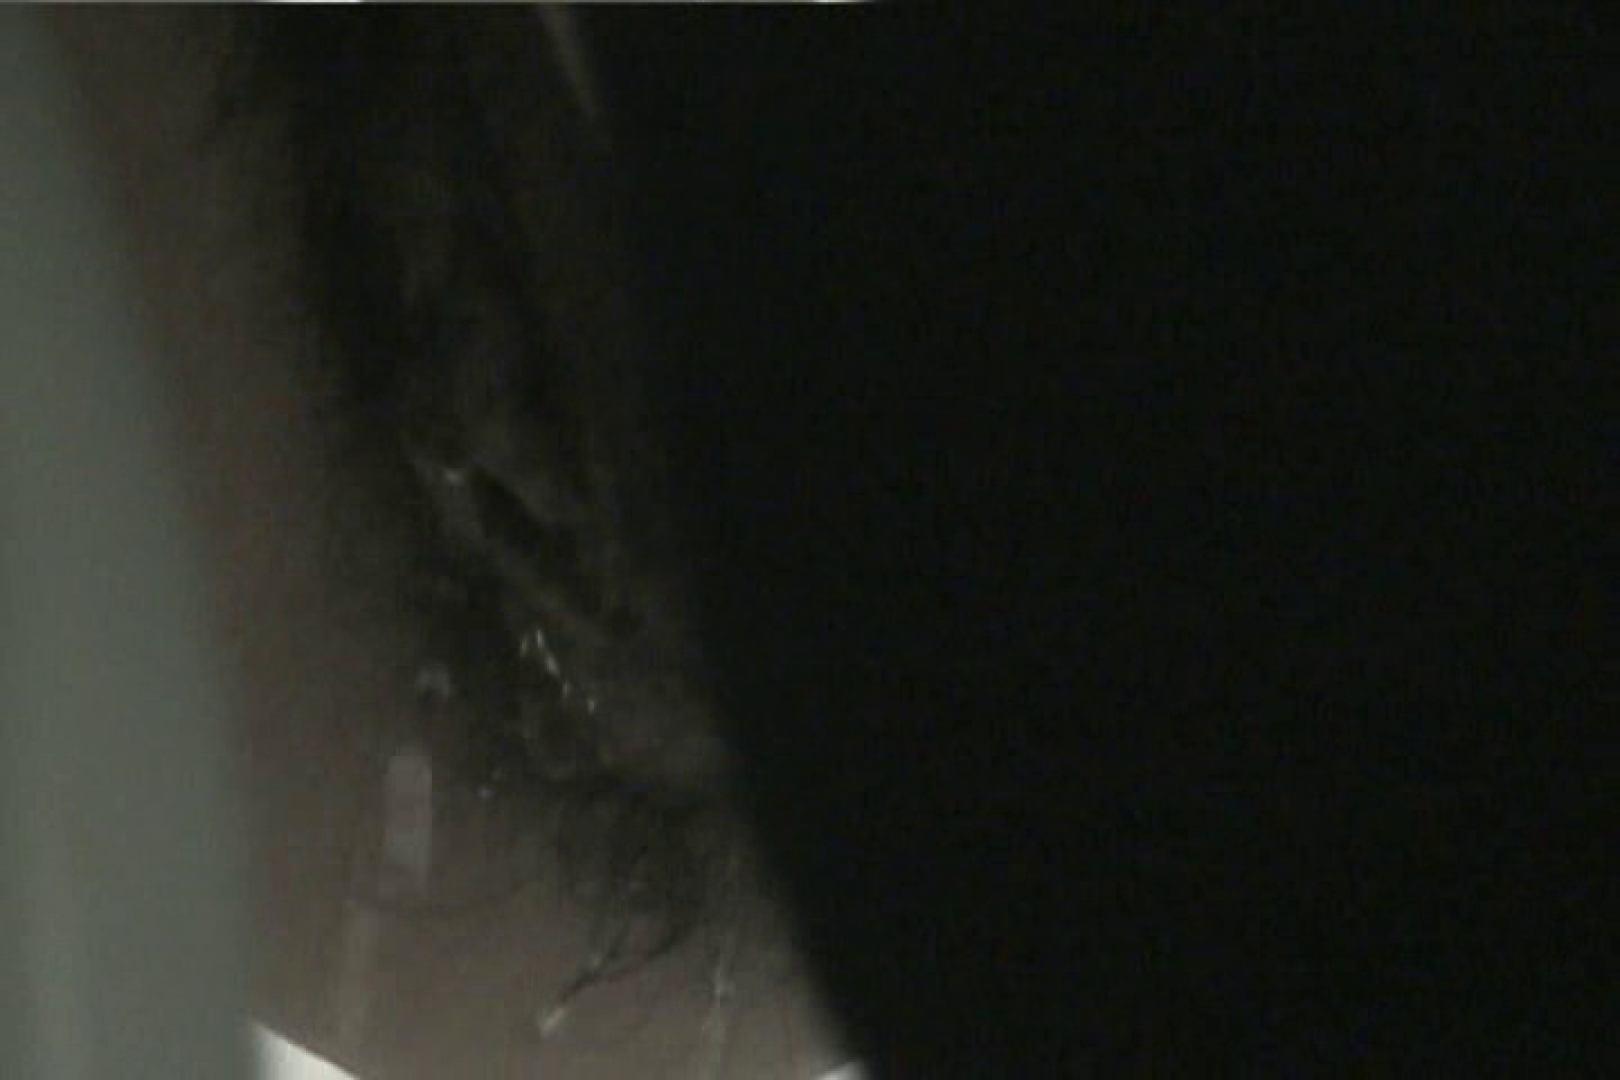 マンコ丸見え女子洗面所Vol.30 OLヌード天国 ワレメ無修正動画無料 109PIX 42